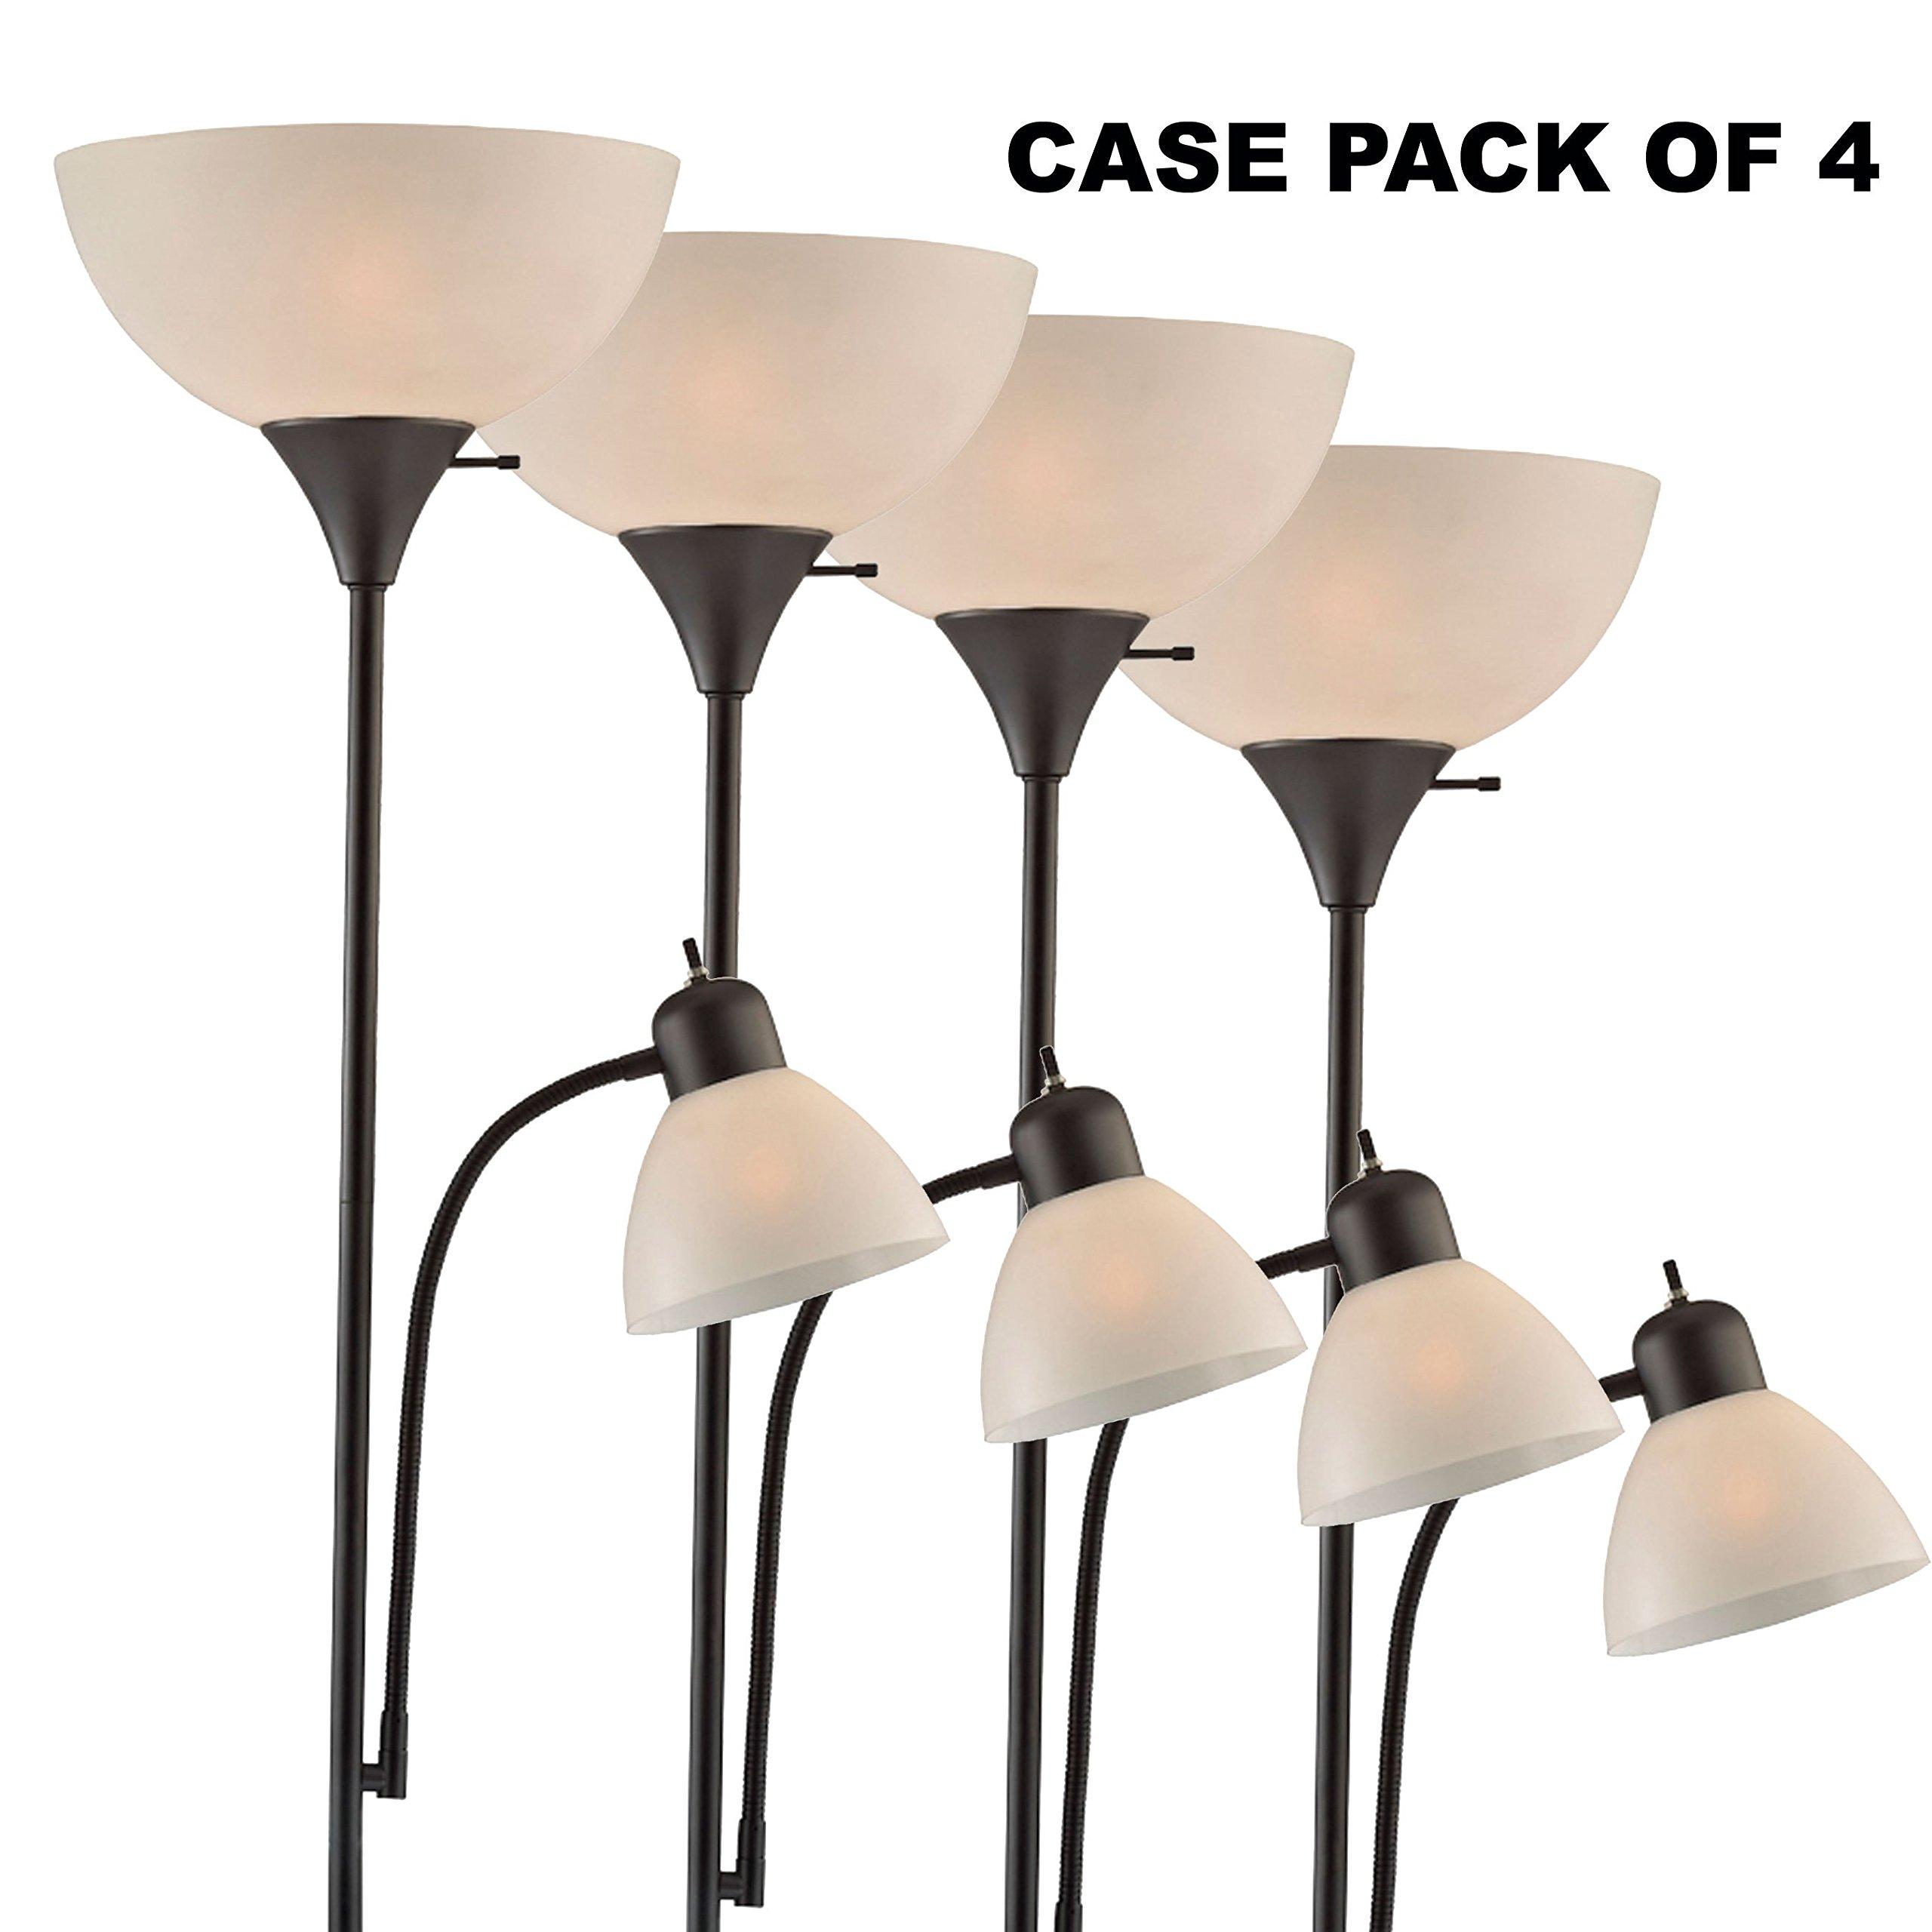 Light Accents 150 Watt Floor Lamp with Side Reading Light - Floor Lamps - Dorm Room Floor Lamp - Floor Lamps for Bedrooms - Kids Floor Lamp - College Floor Lamp (Black (Case of 4))